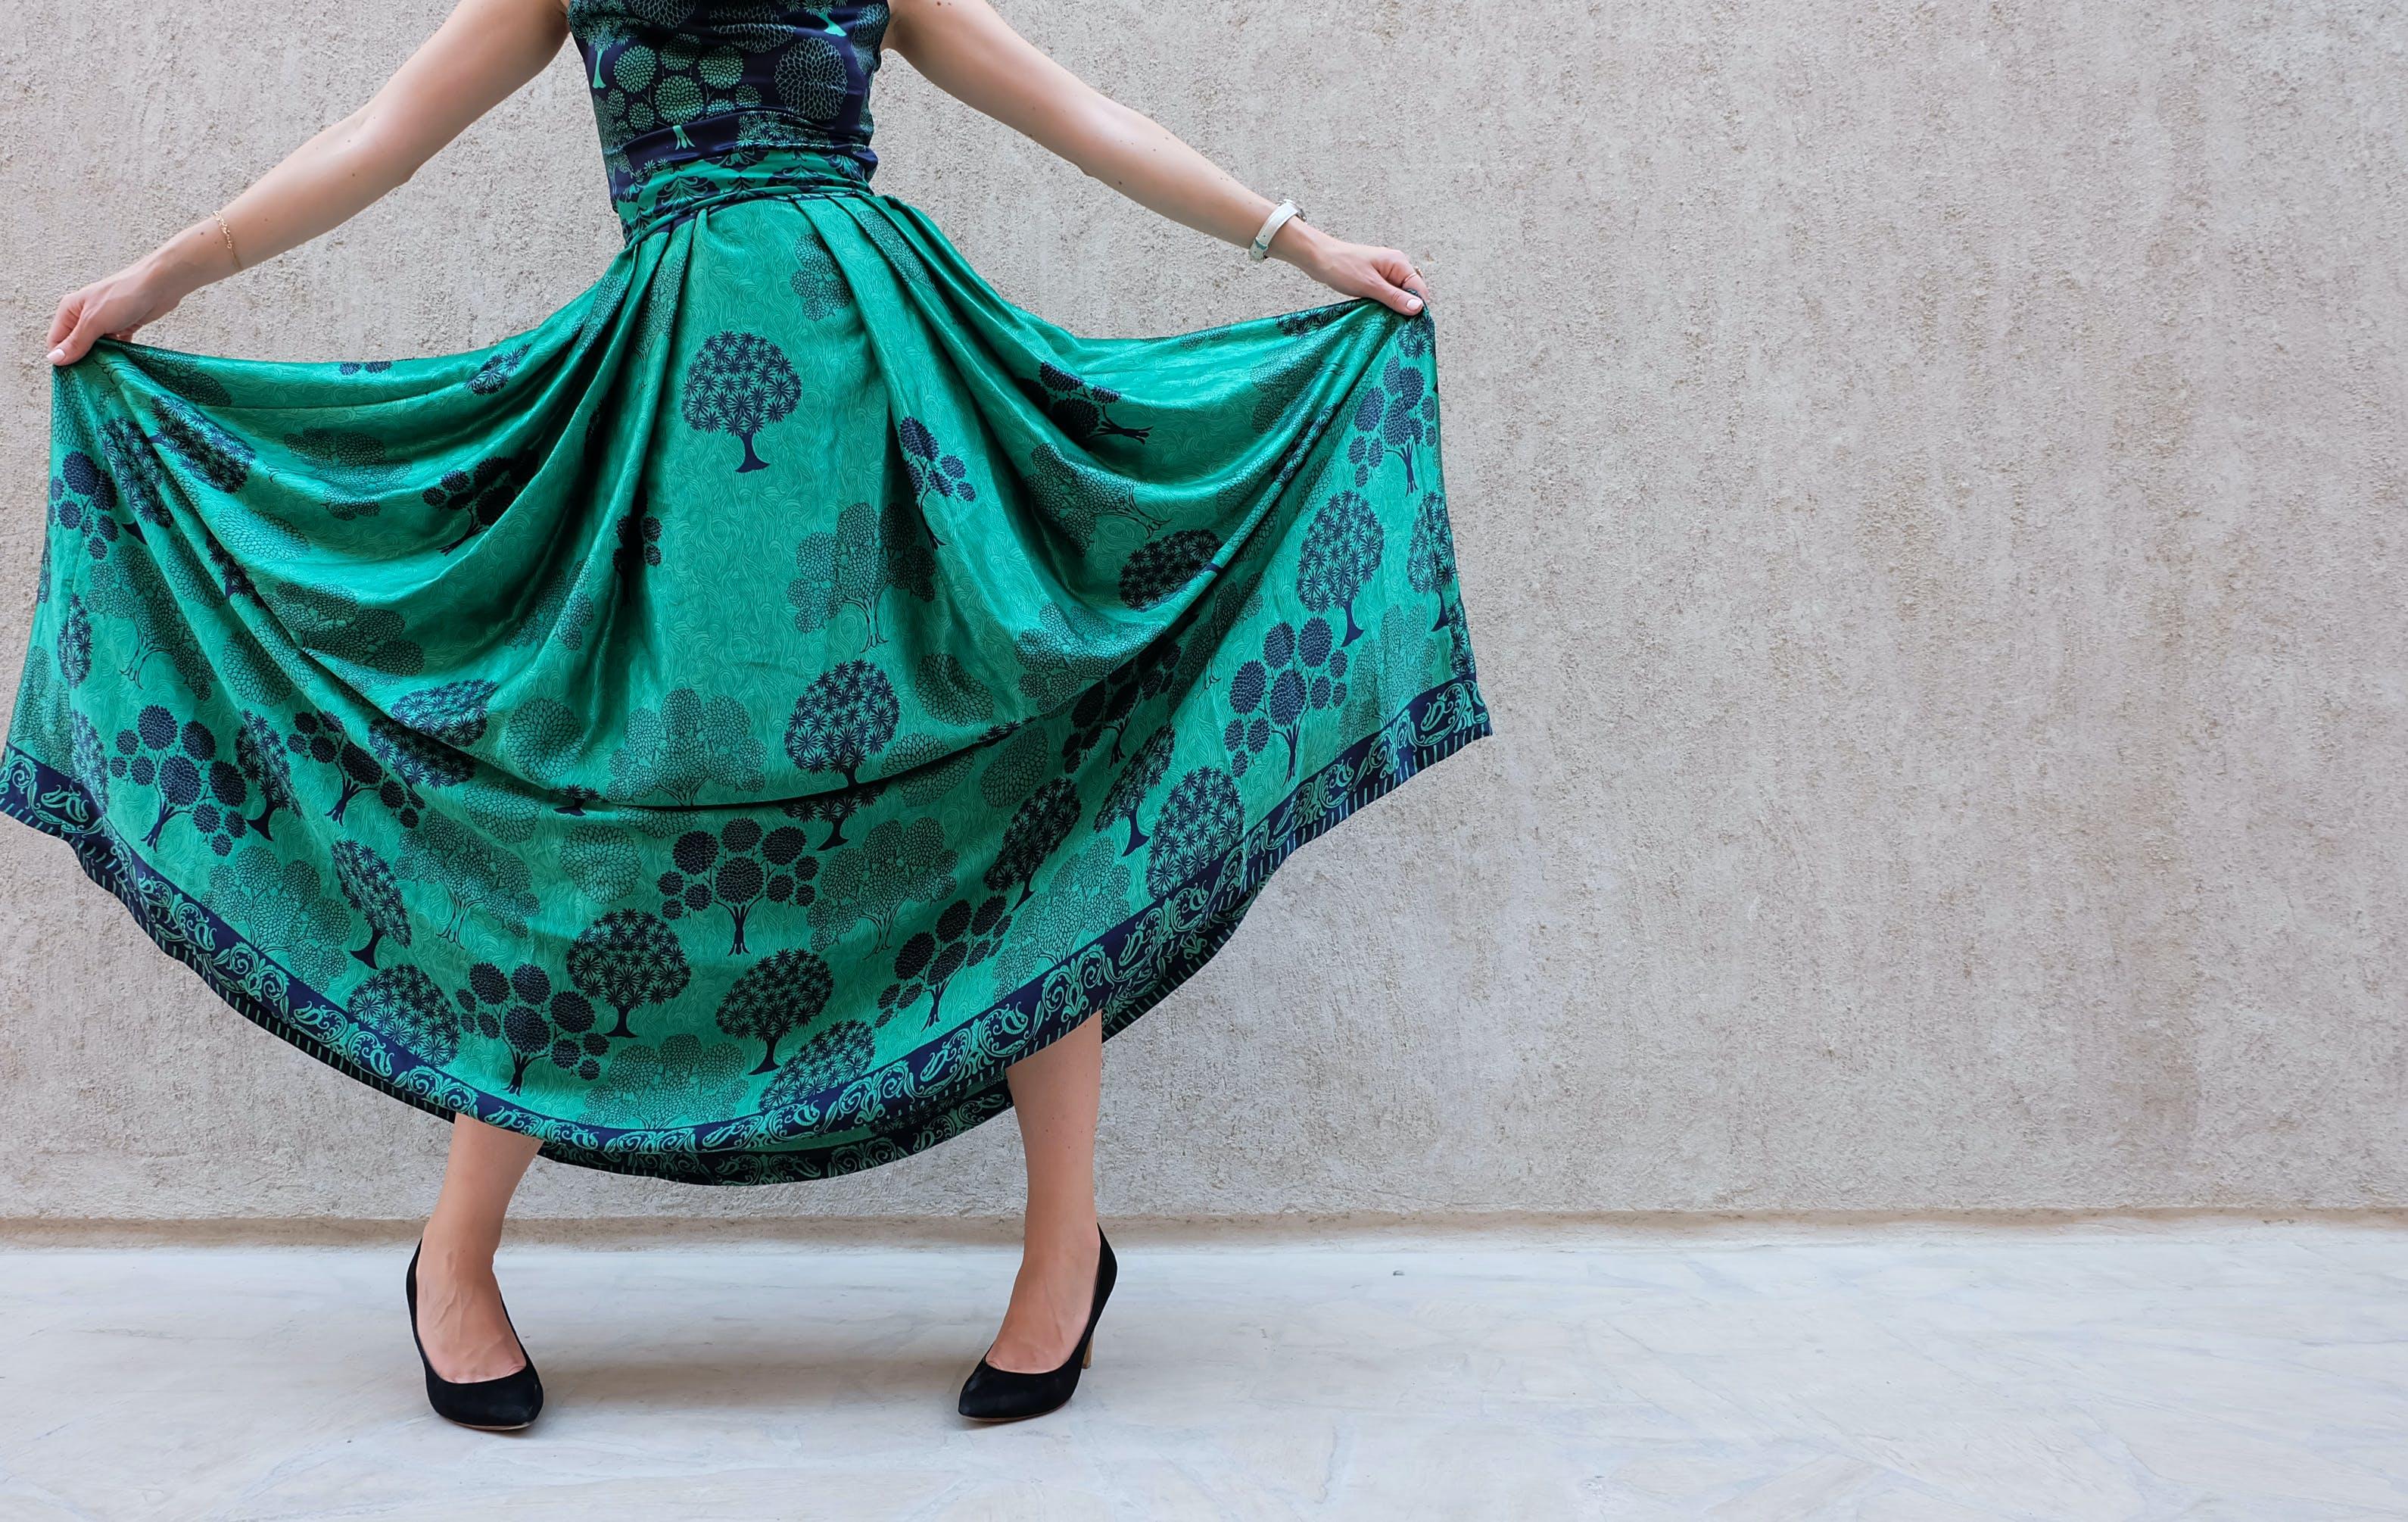 Immagine gratuita di abito, donna, gonna, indossare